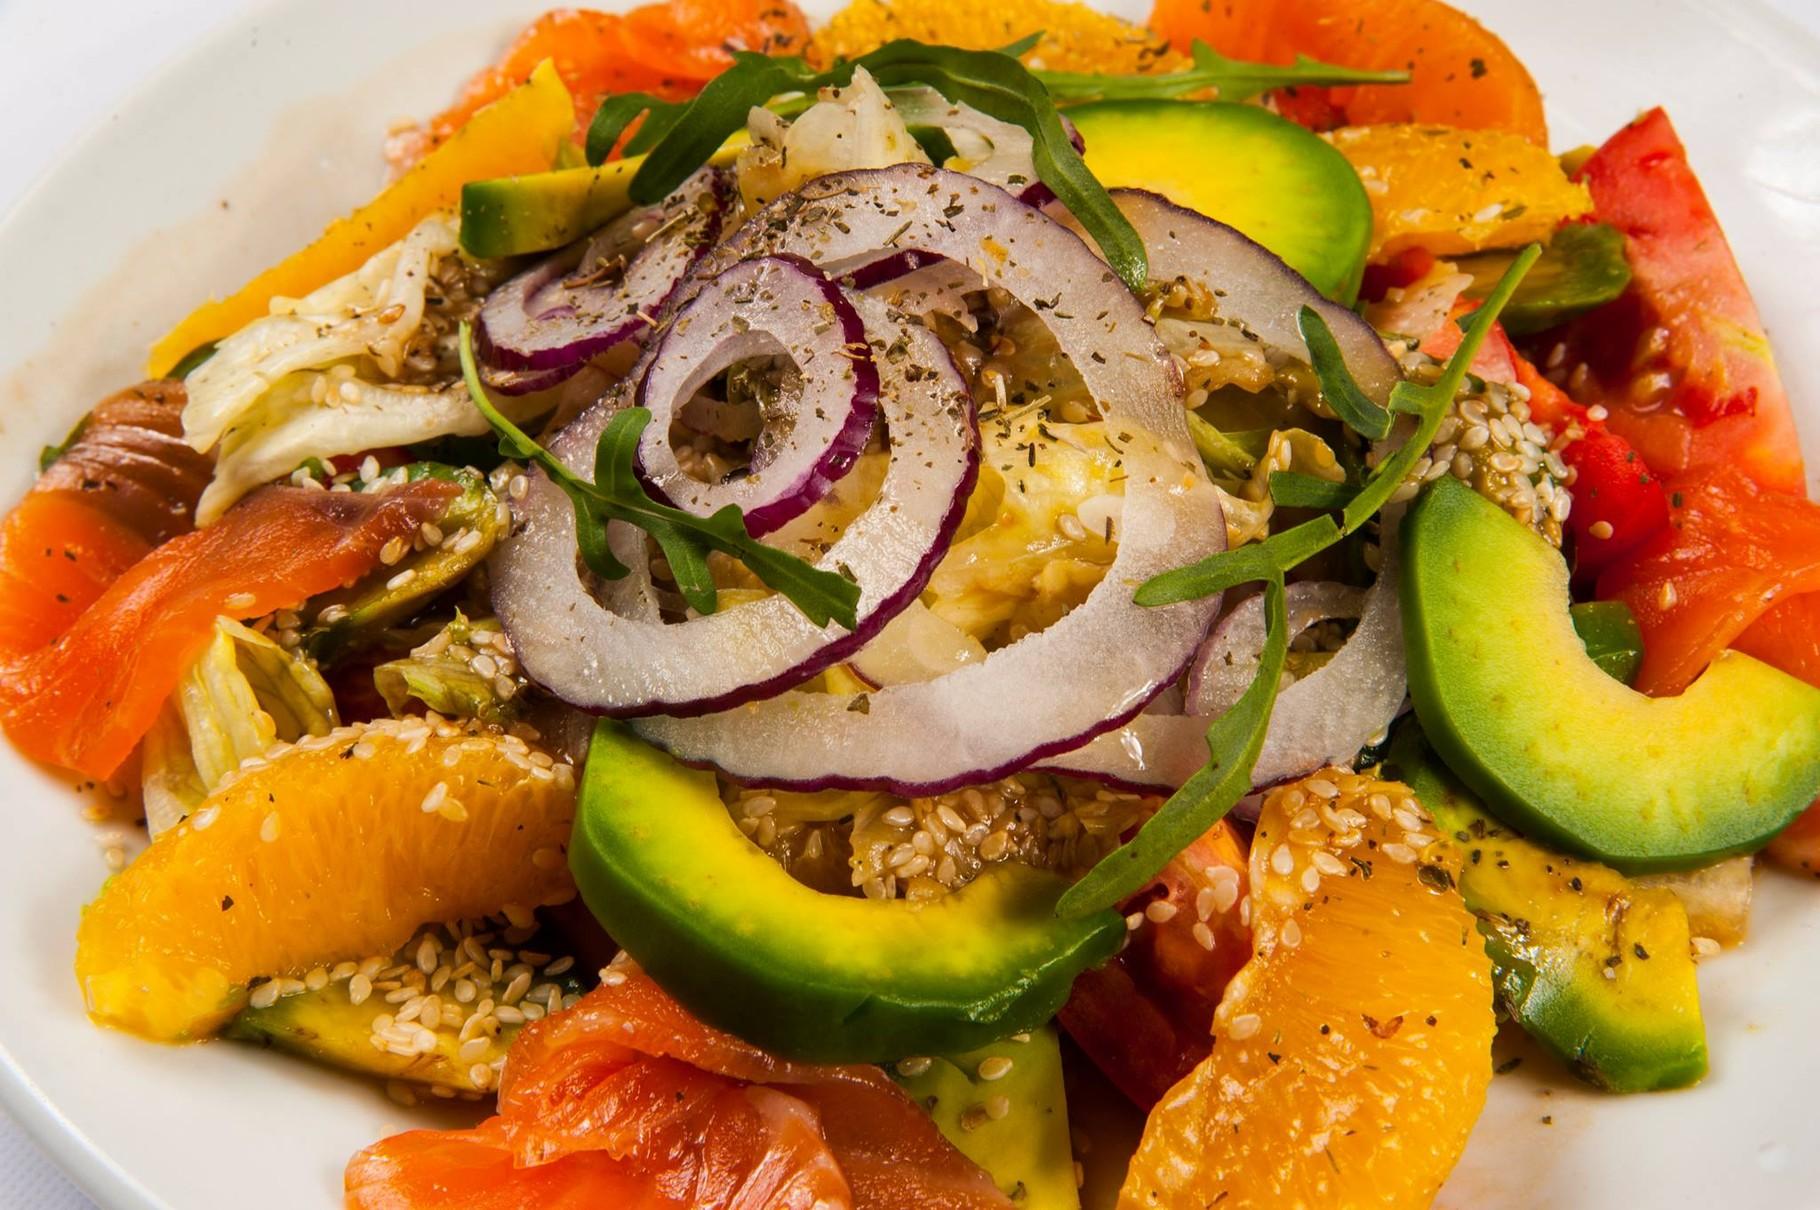 """Мікс листя салату з підкопченим лососем, апельсинами, заправлений бальзамічно-гірчичним соусом/280гр.  96.00грн.   Фірмова страва ресторану """"Стейк Хаус"""" м. Хмельницький"""